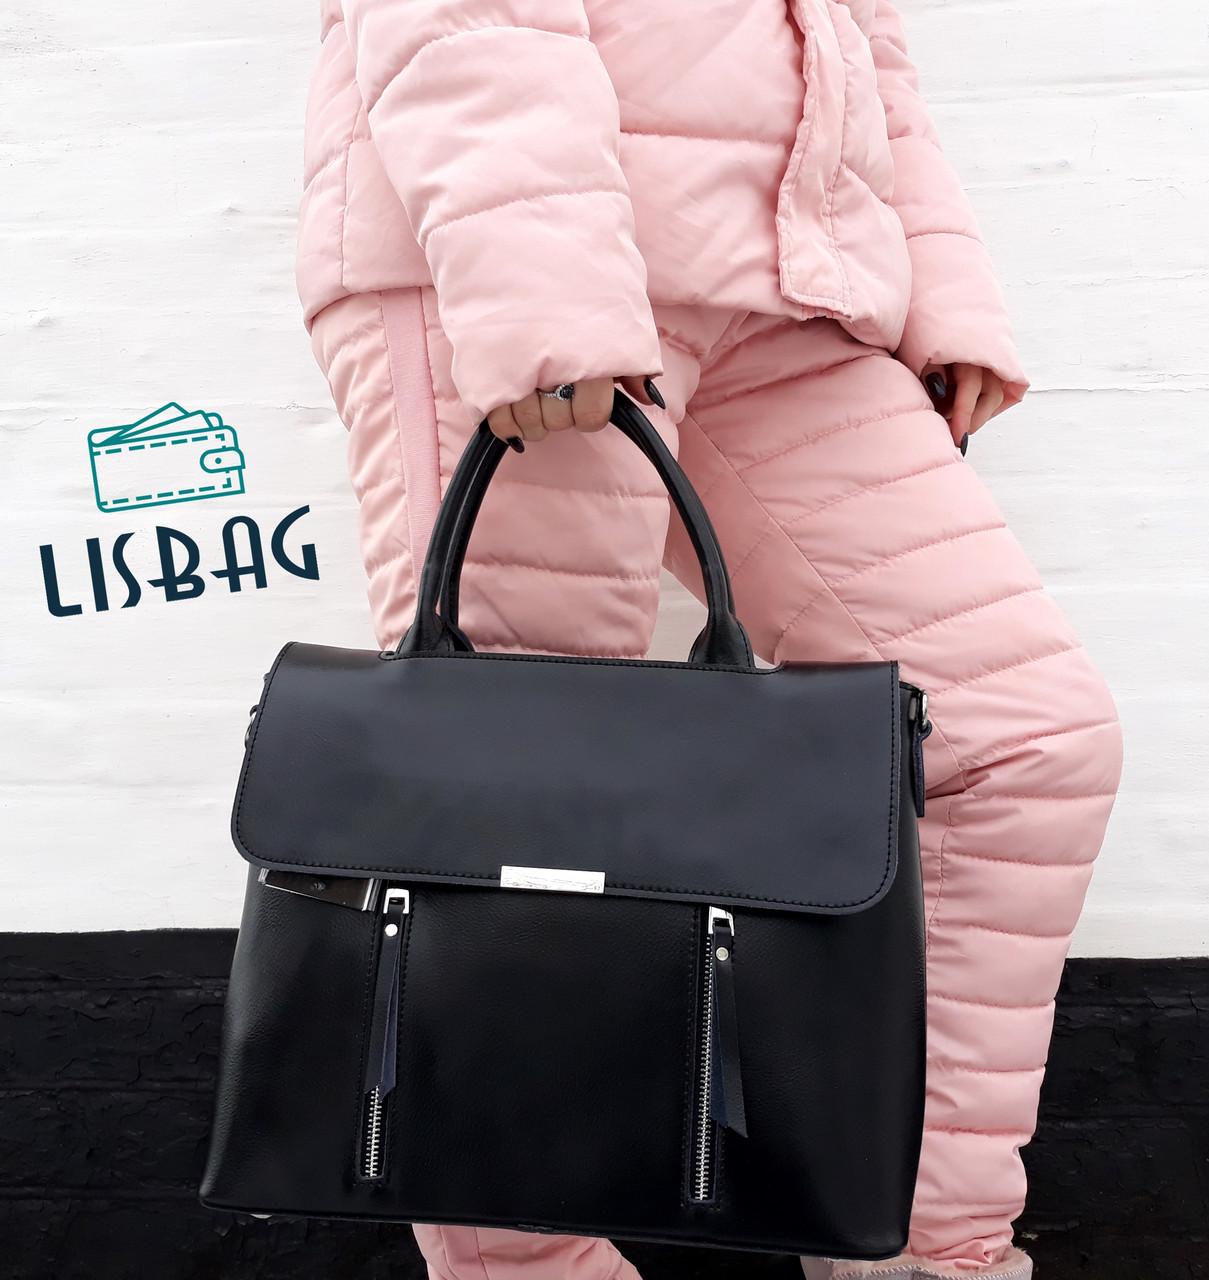 2bfe2f726c13 Большая кожаная сумка формата А4 Galanty черная: продажа, цена в ...